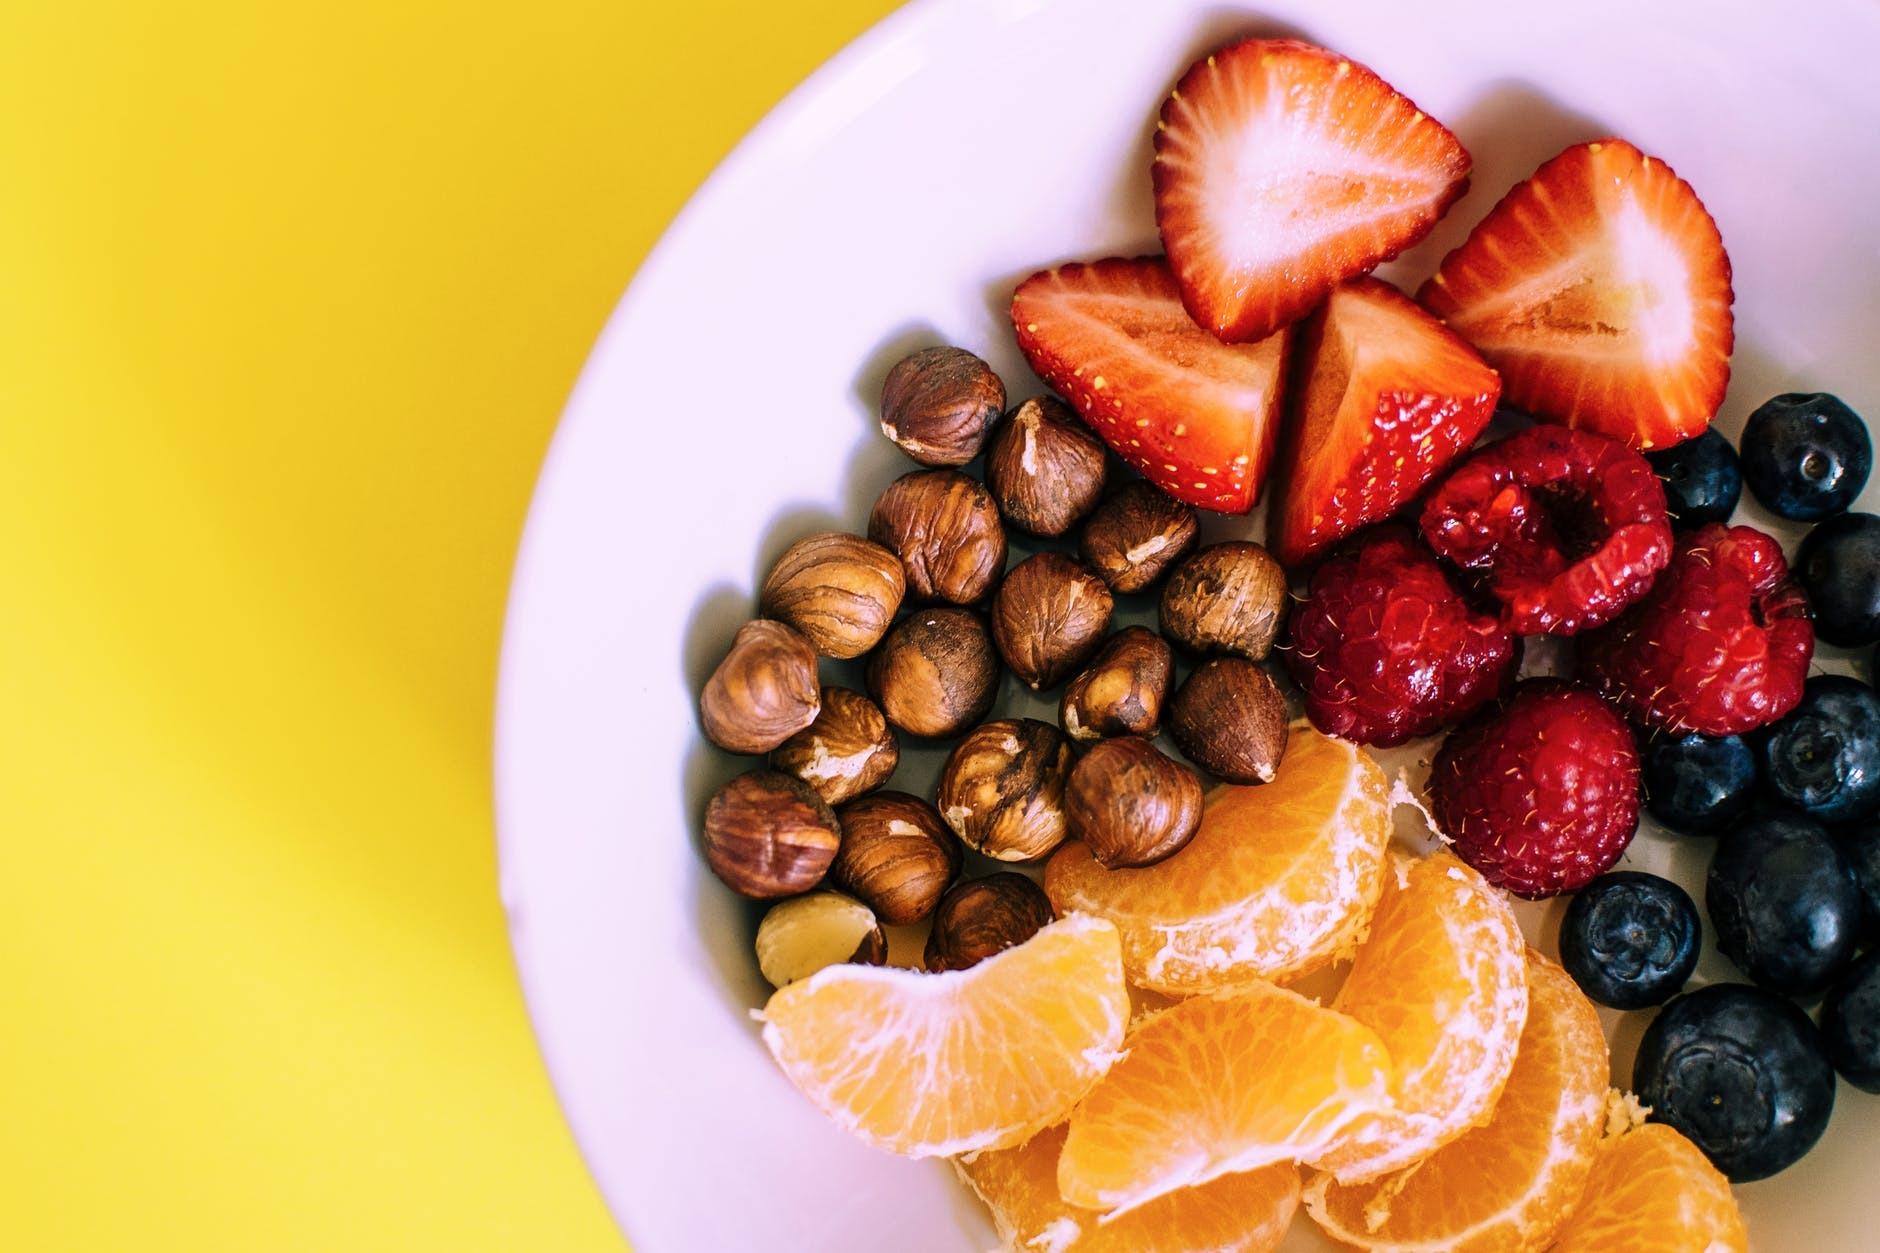 Як схуднути до весни: дієти